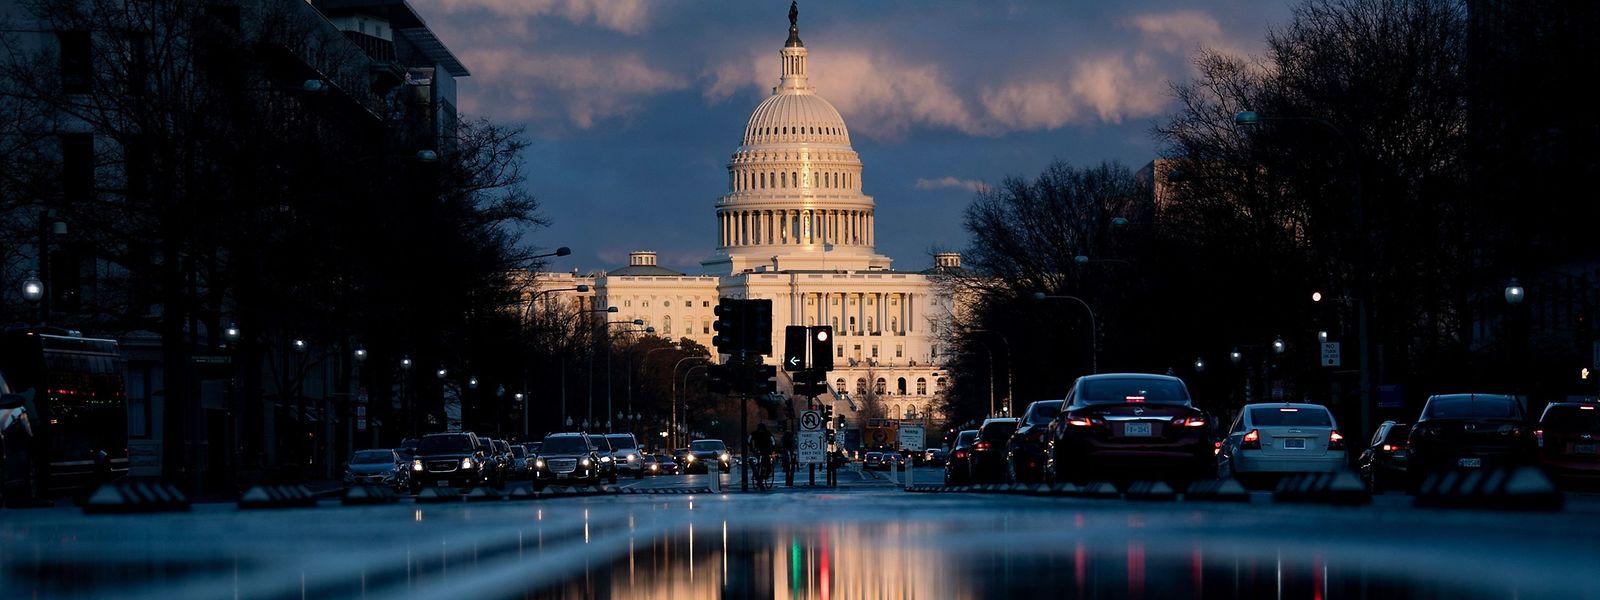 Das Kapitol in Washington, Sitz von Senat und Repräsentantenhaus, dem Parlament der Vereinigten Staaten.